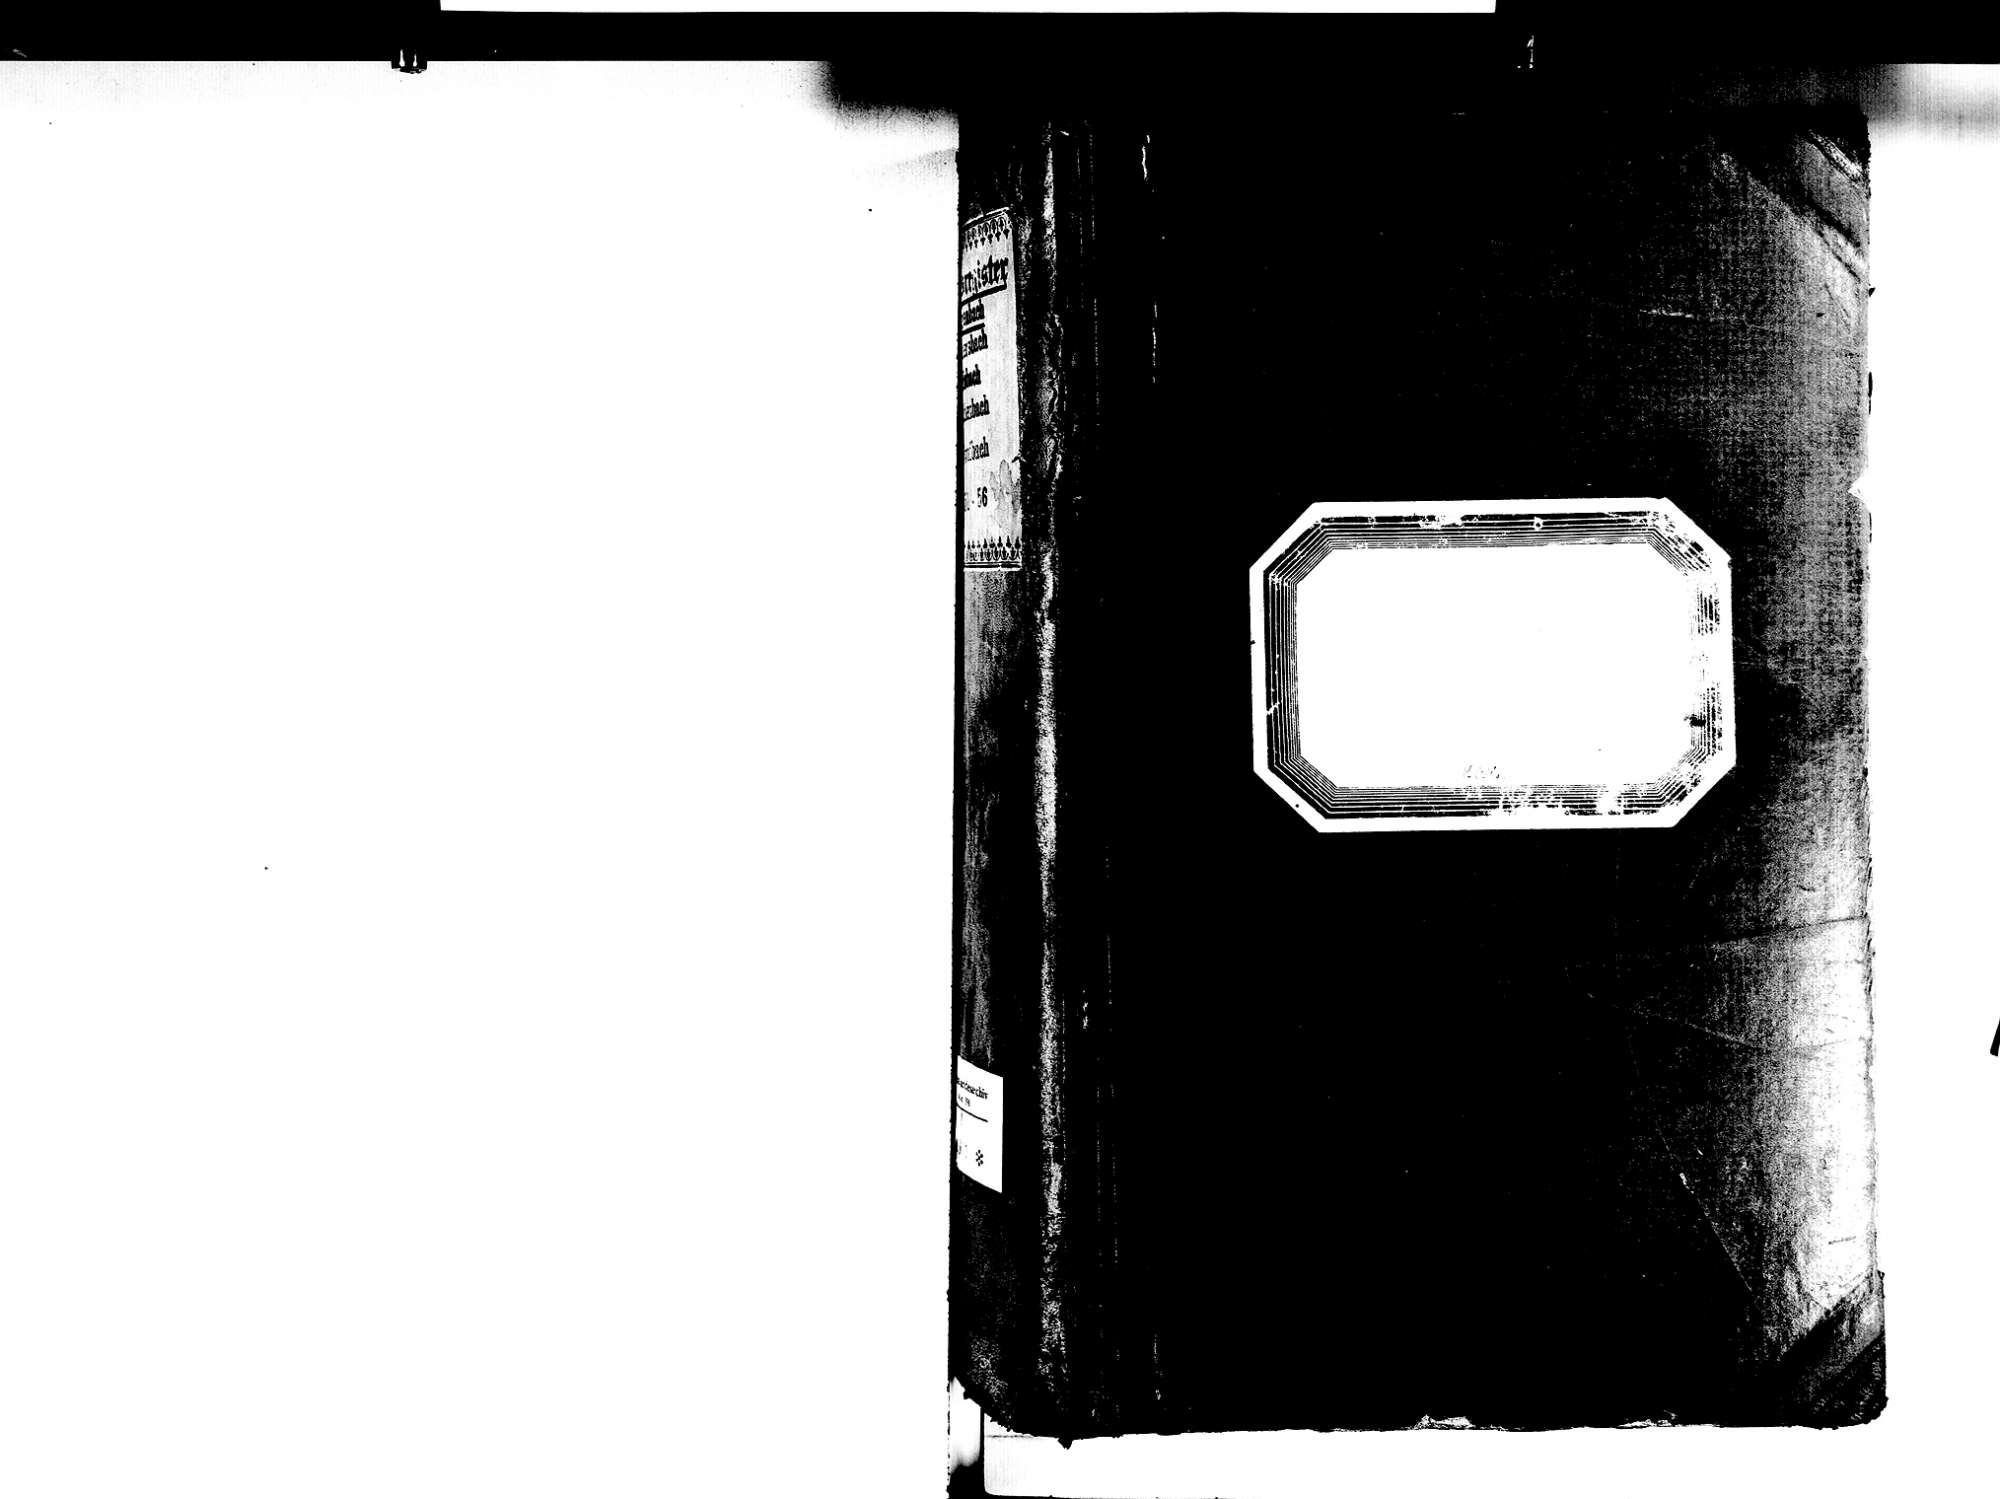 Gengenbach OG; Katholische Gemeinde: Standesbuch 1851-1856 Enthält: Einzelne Evangelische Einträge, Bild 2